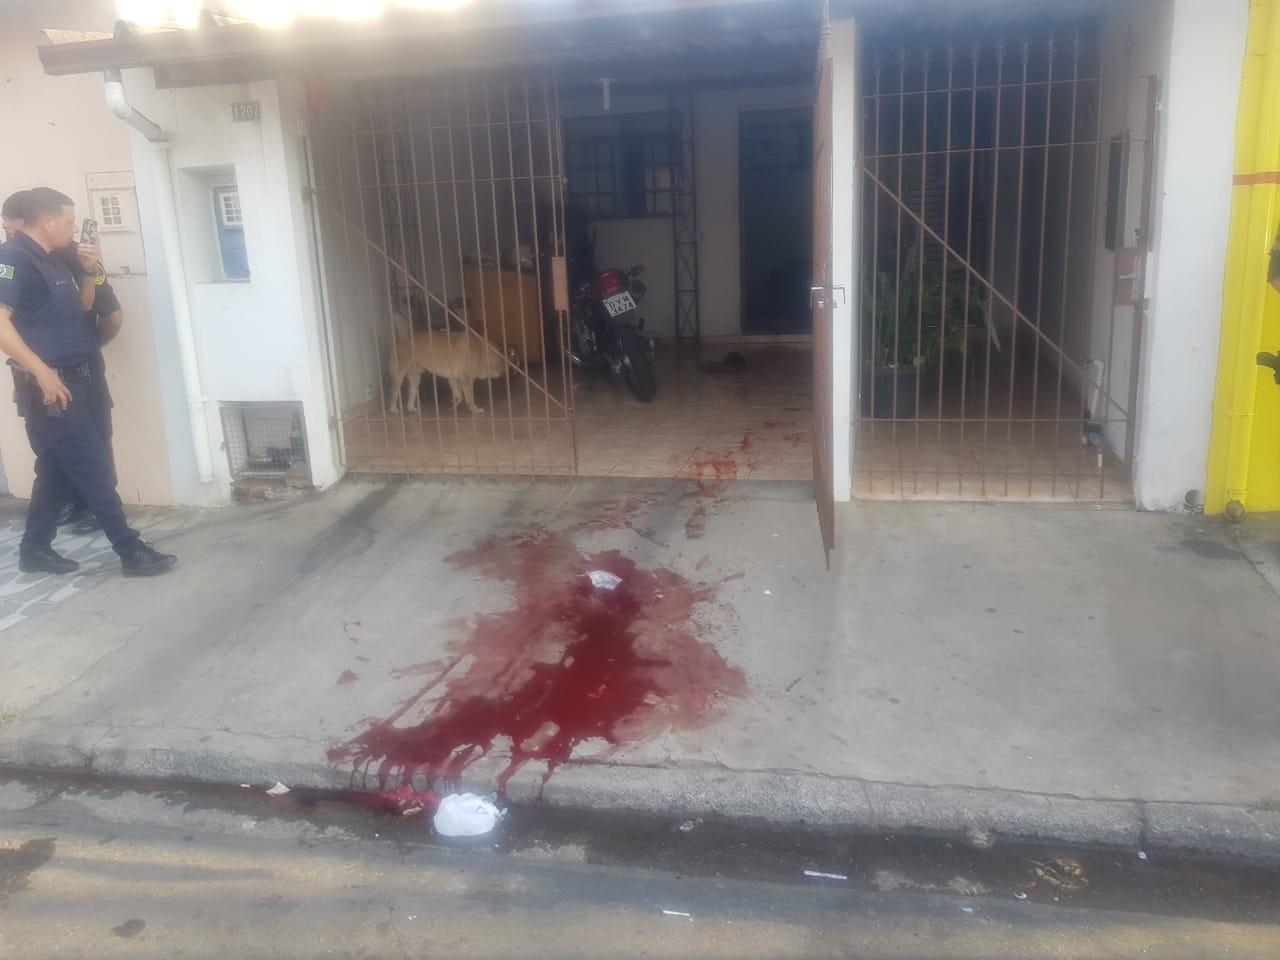 Homem esfaqueia ex-mulher em tentativa de feminicídio em Piracicaba - Notícias - Plantão Diário